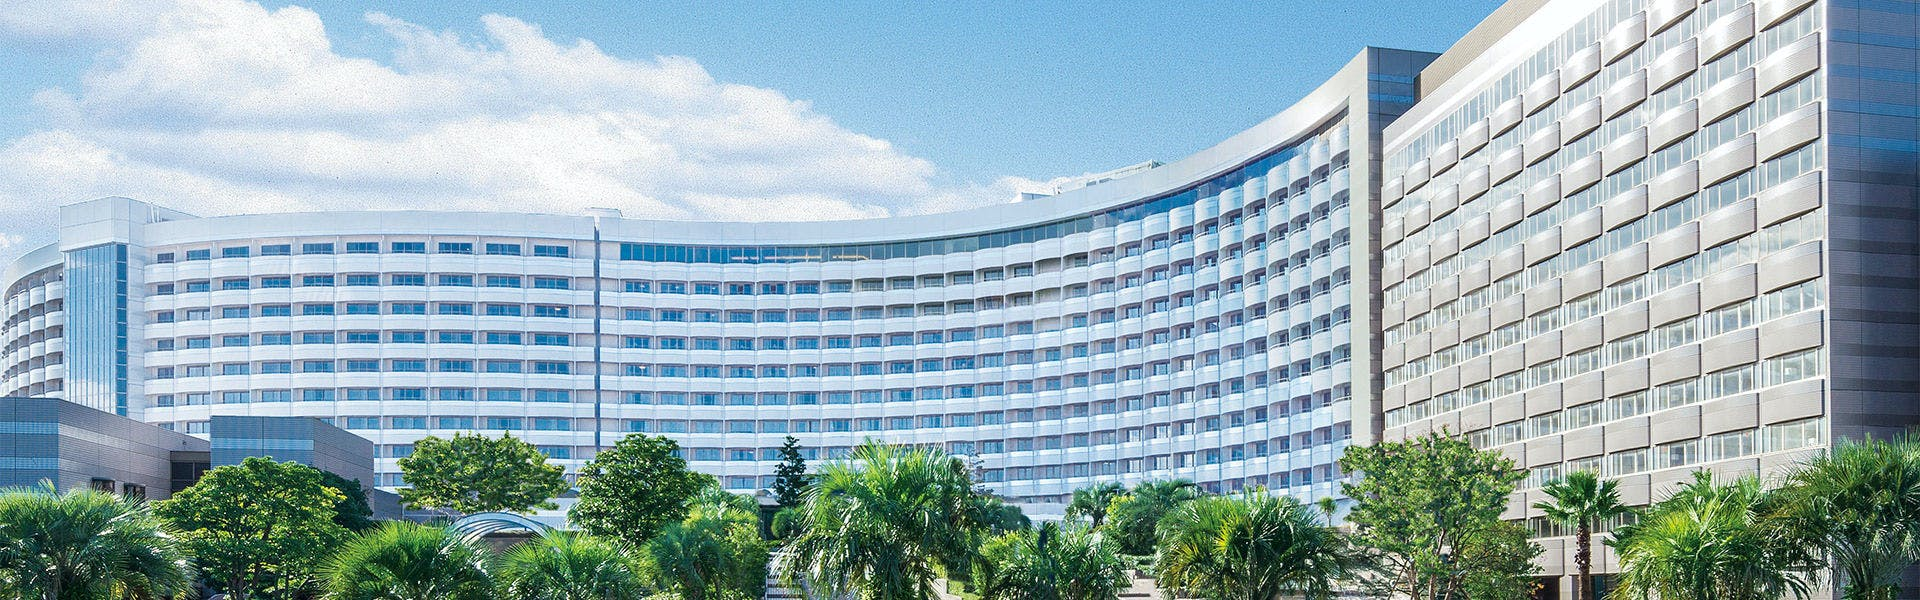 シェラトン グランデ トーキョーベイ ホテル1 - 高級ホテル